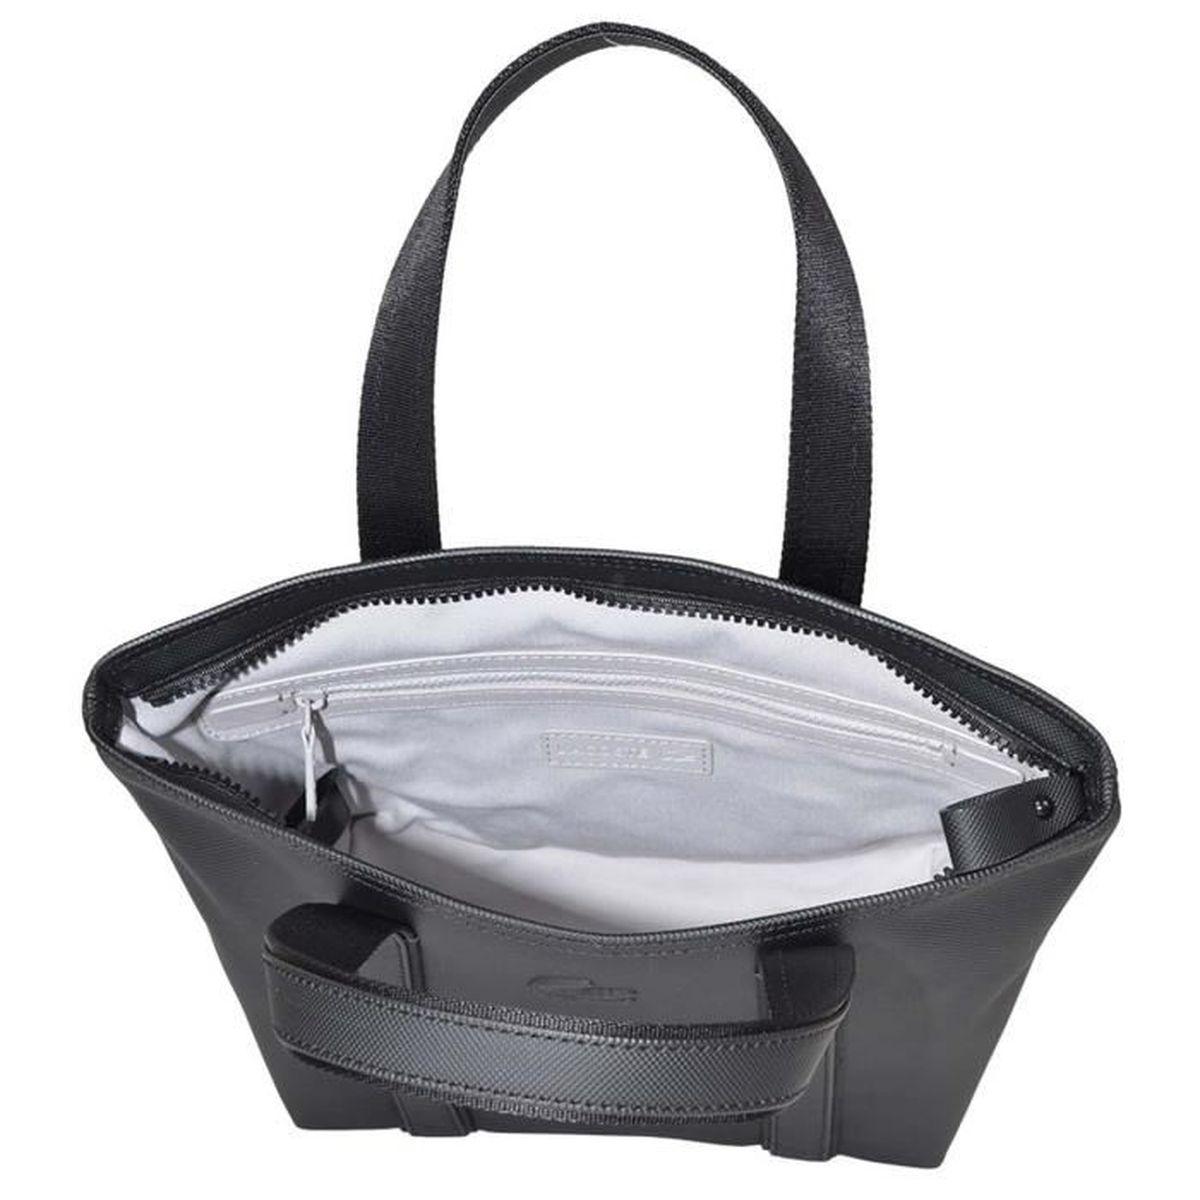 81aa903ccc Sac shopping Lacoste pour femme Noir noir - Achat / Vente sac shopping  3614036326118 - Soldes* dès le 9 janvier ! Cdiscount